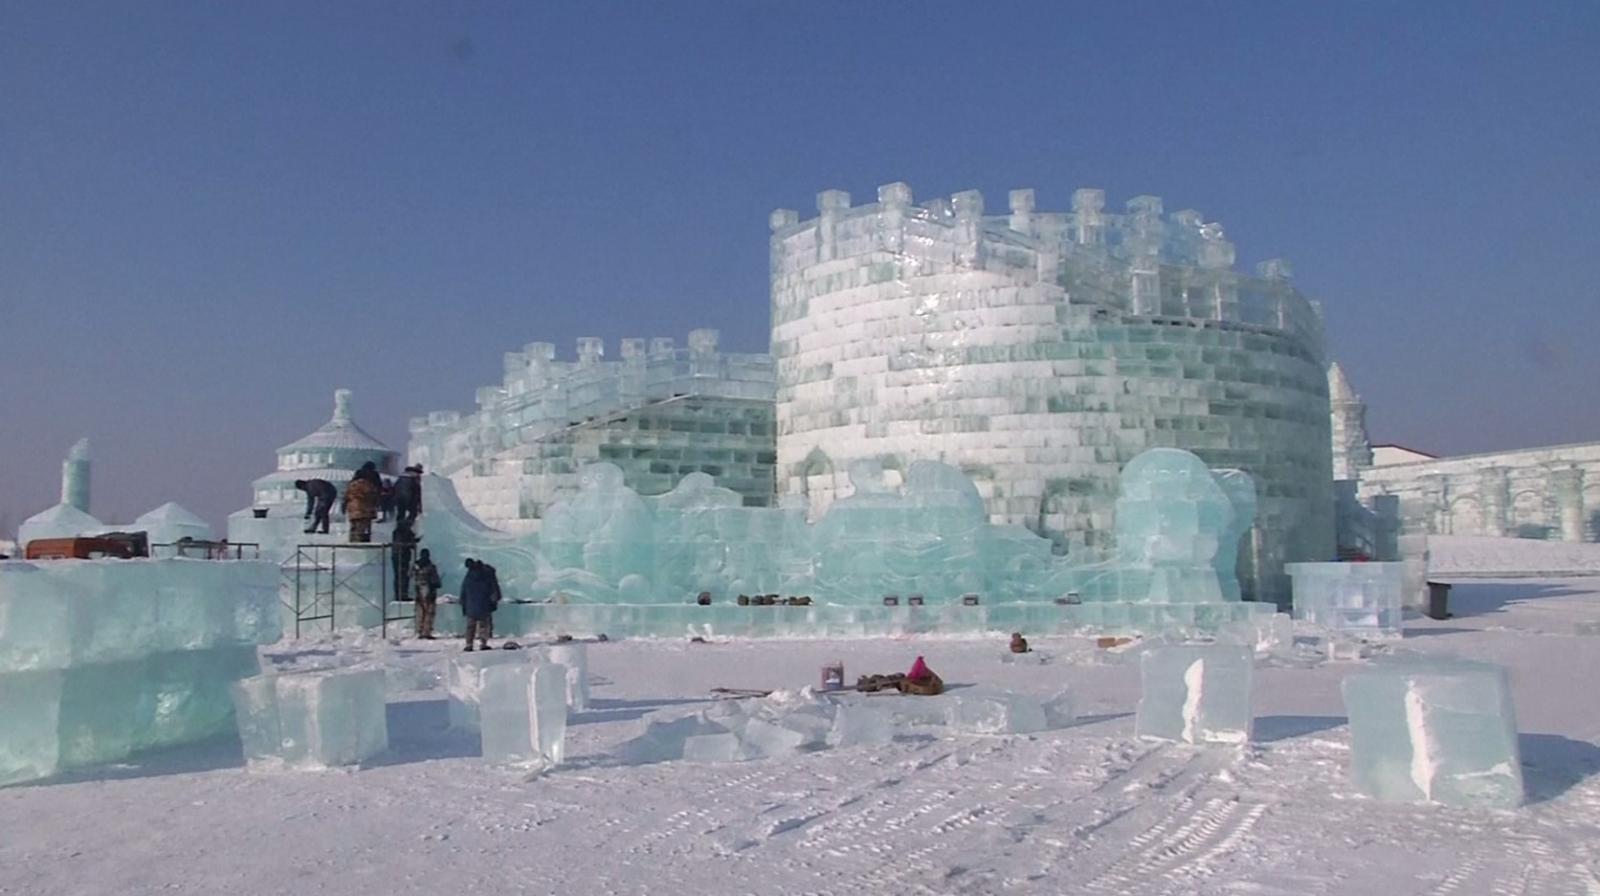 จีนเตรียมเปิดฉากเทศกาลน้ำแข็งนานาชาติฮาร์บิน ครั้งที่ 34